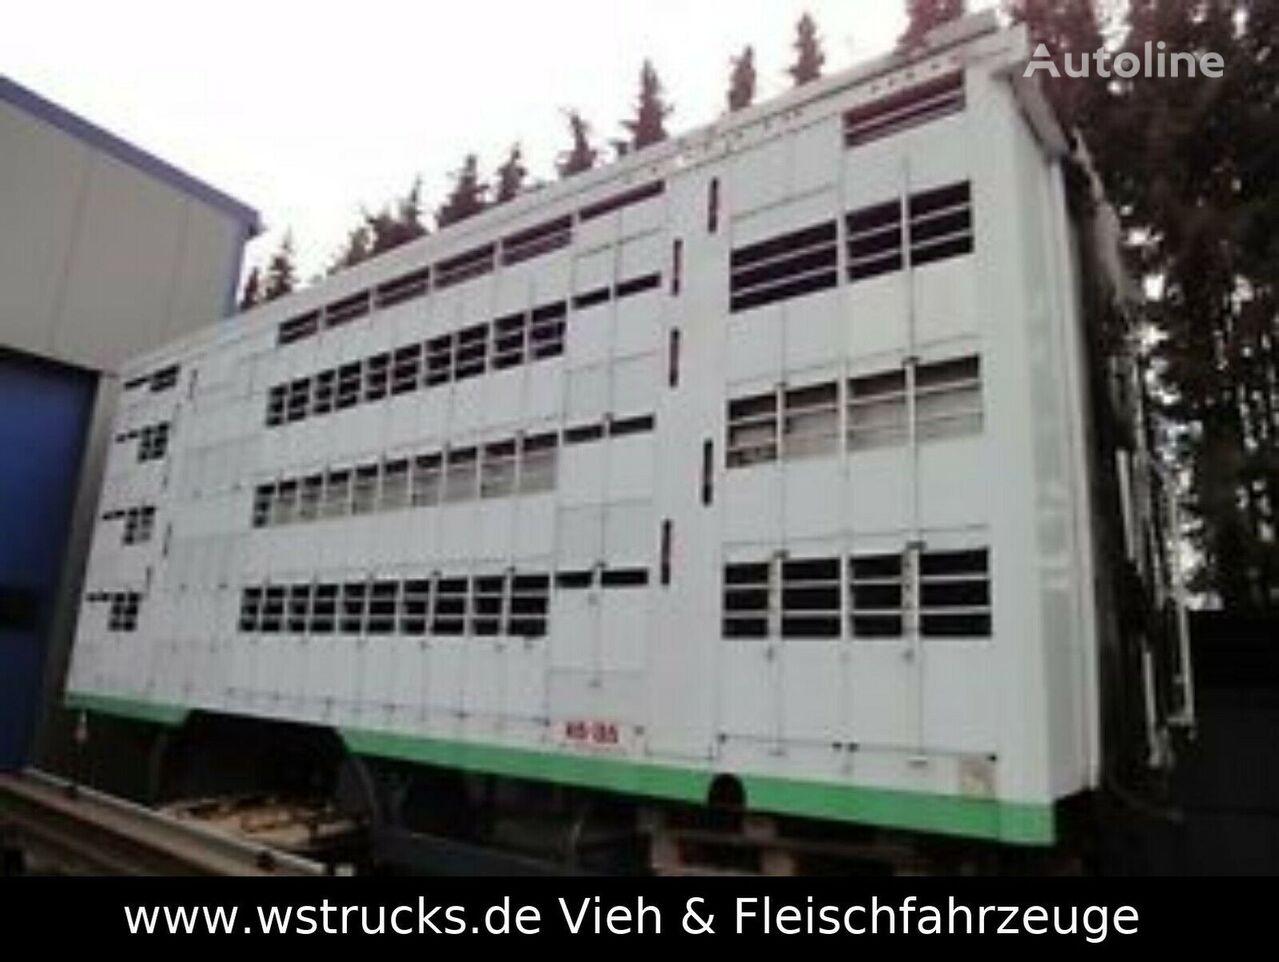 MERCEDES-BENZ KABA 4 Stock Vollalu 2004 Hubdach carrocería para transporte de ganado